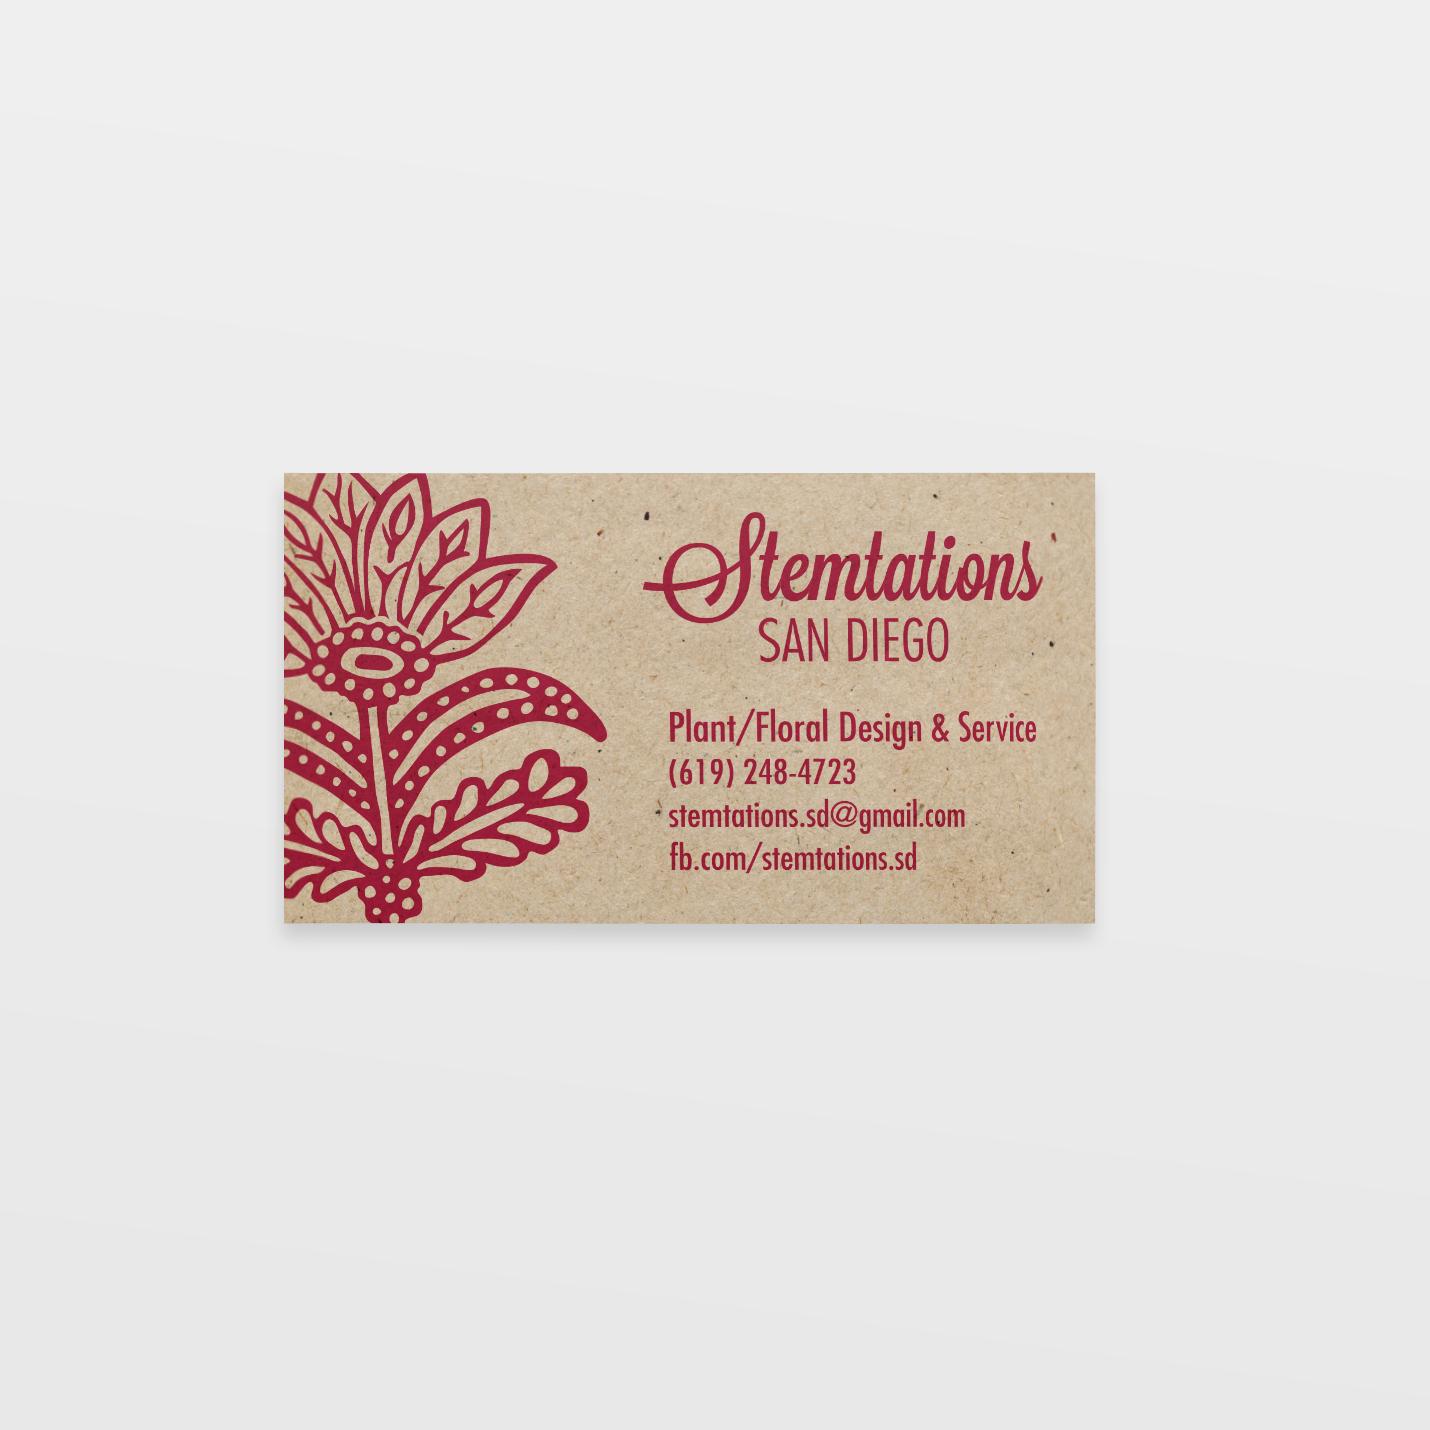 Business-Card-Mockup-Stemtations.jpg